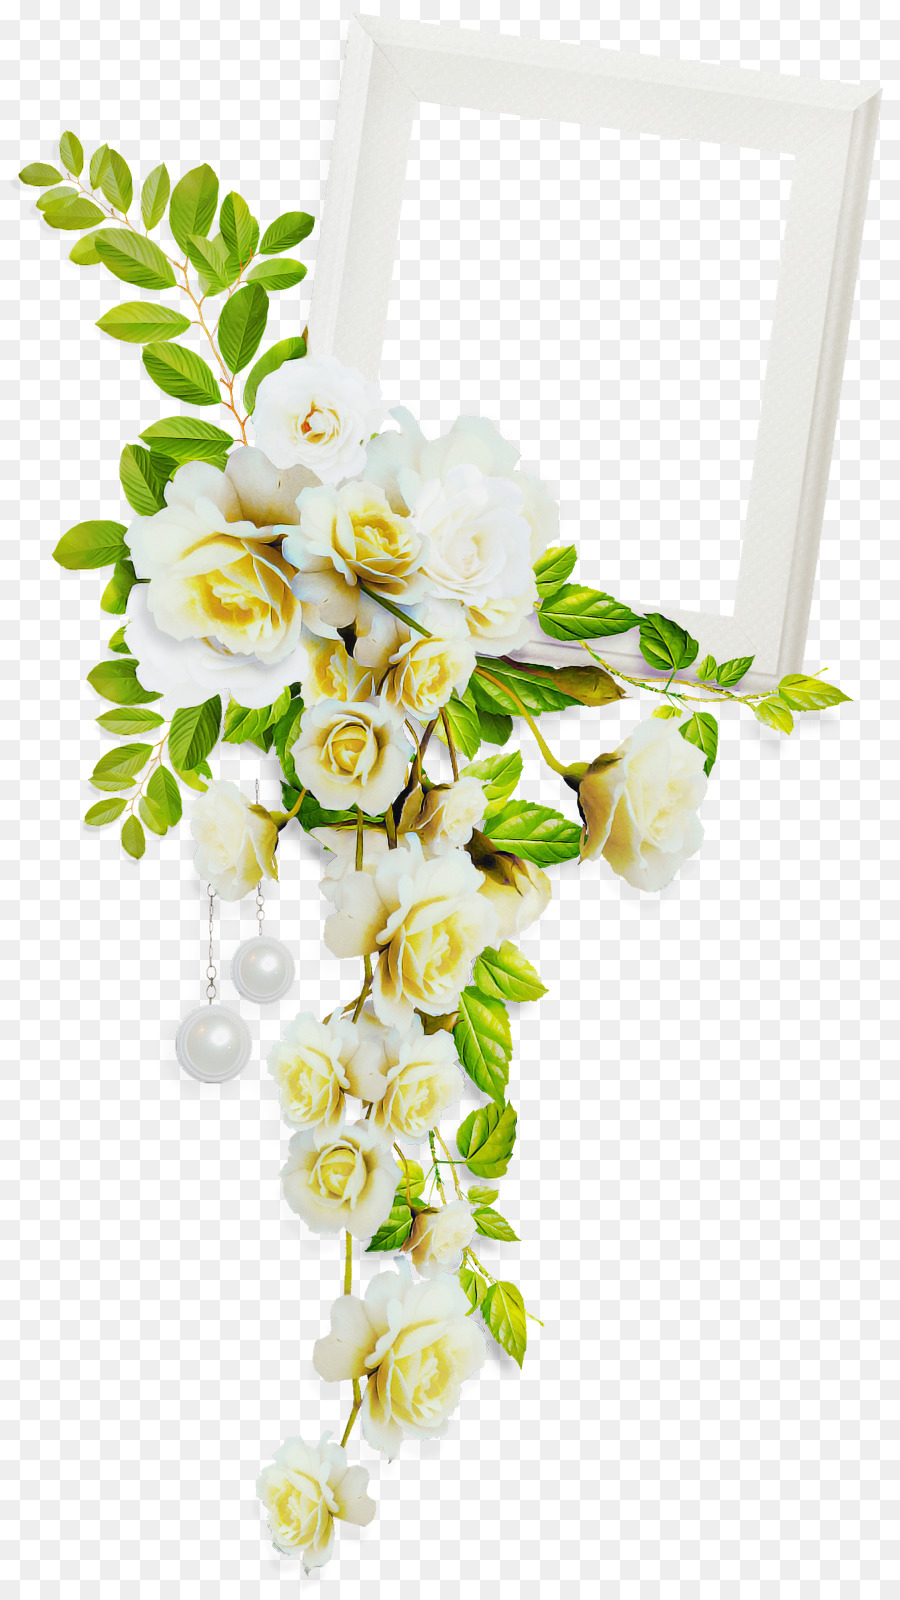 Descarga gratuita de Flor, Blanco, Las Flores Cortadas imágenes PNG